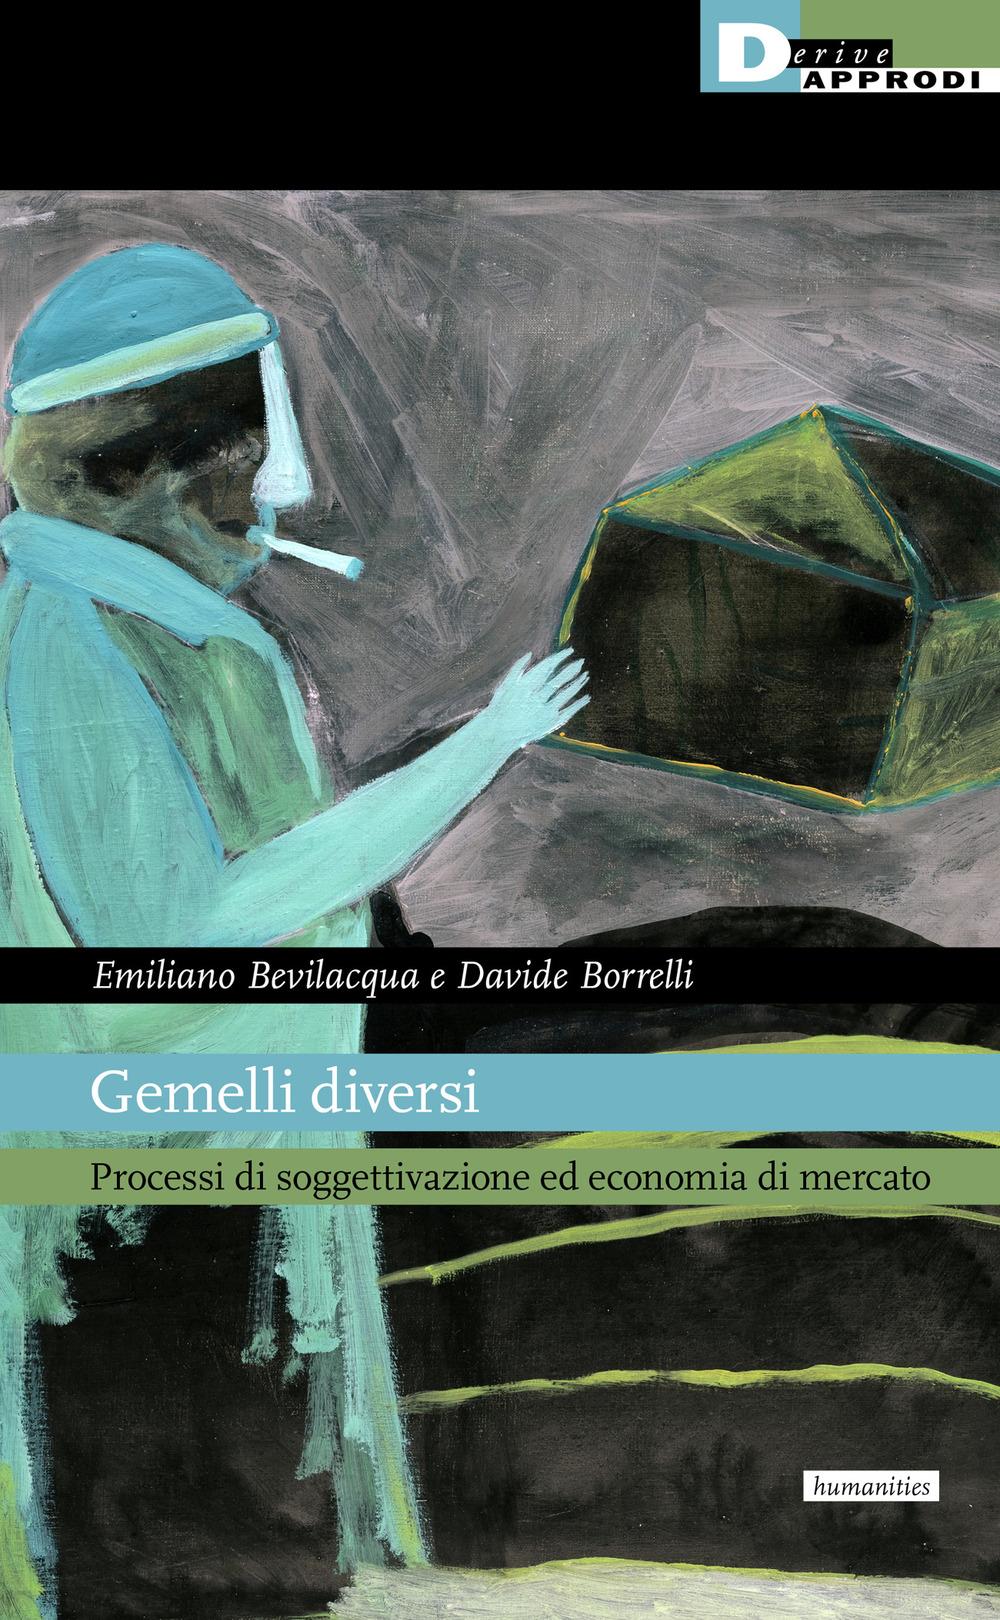 GEMELLI DIVERSI. PROCESSI DI SOGGETTIVAZIONE ED ECONOMIA DI MERCATO - 9788865483688